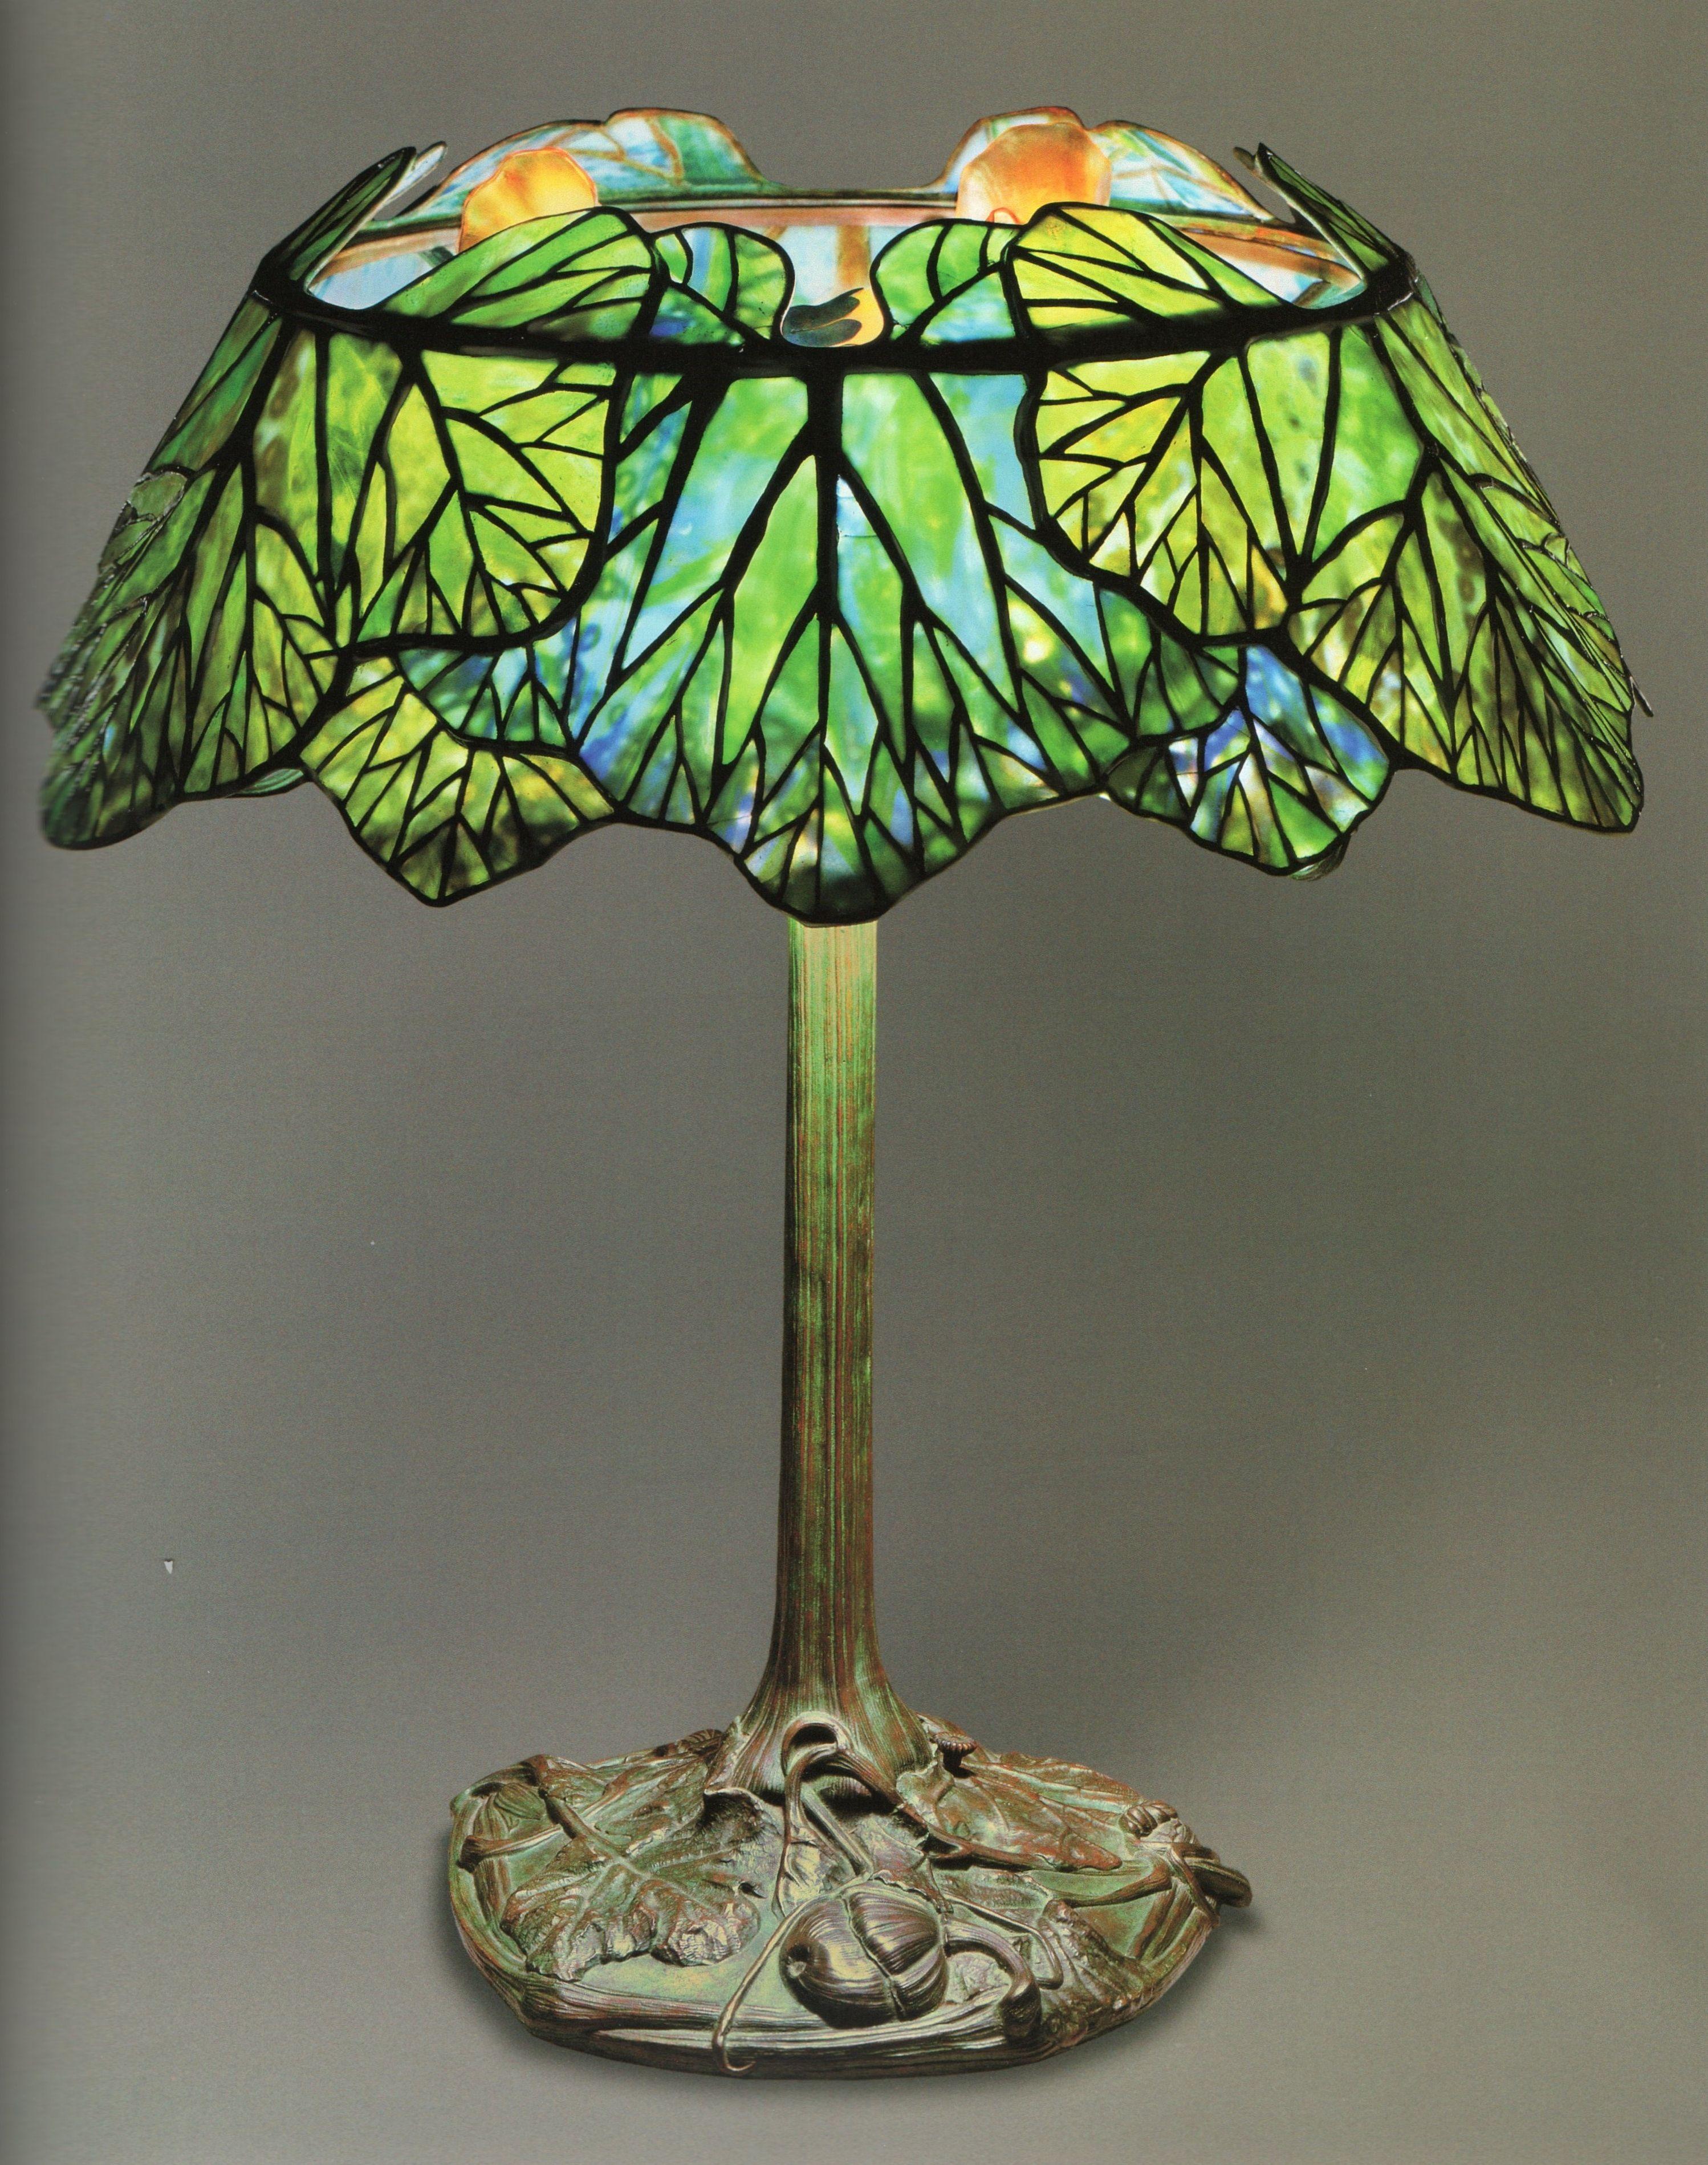 lct 032 squash lamp shade